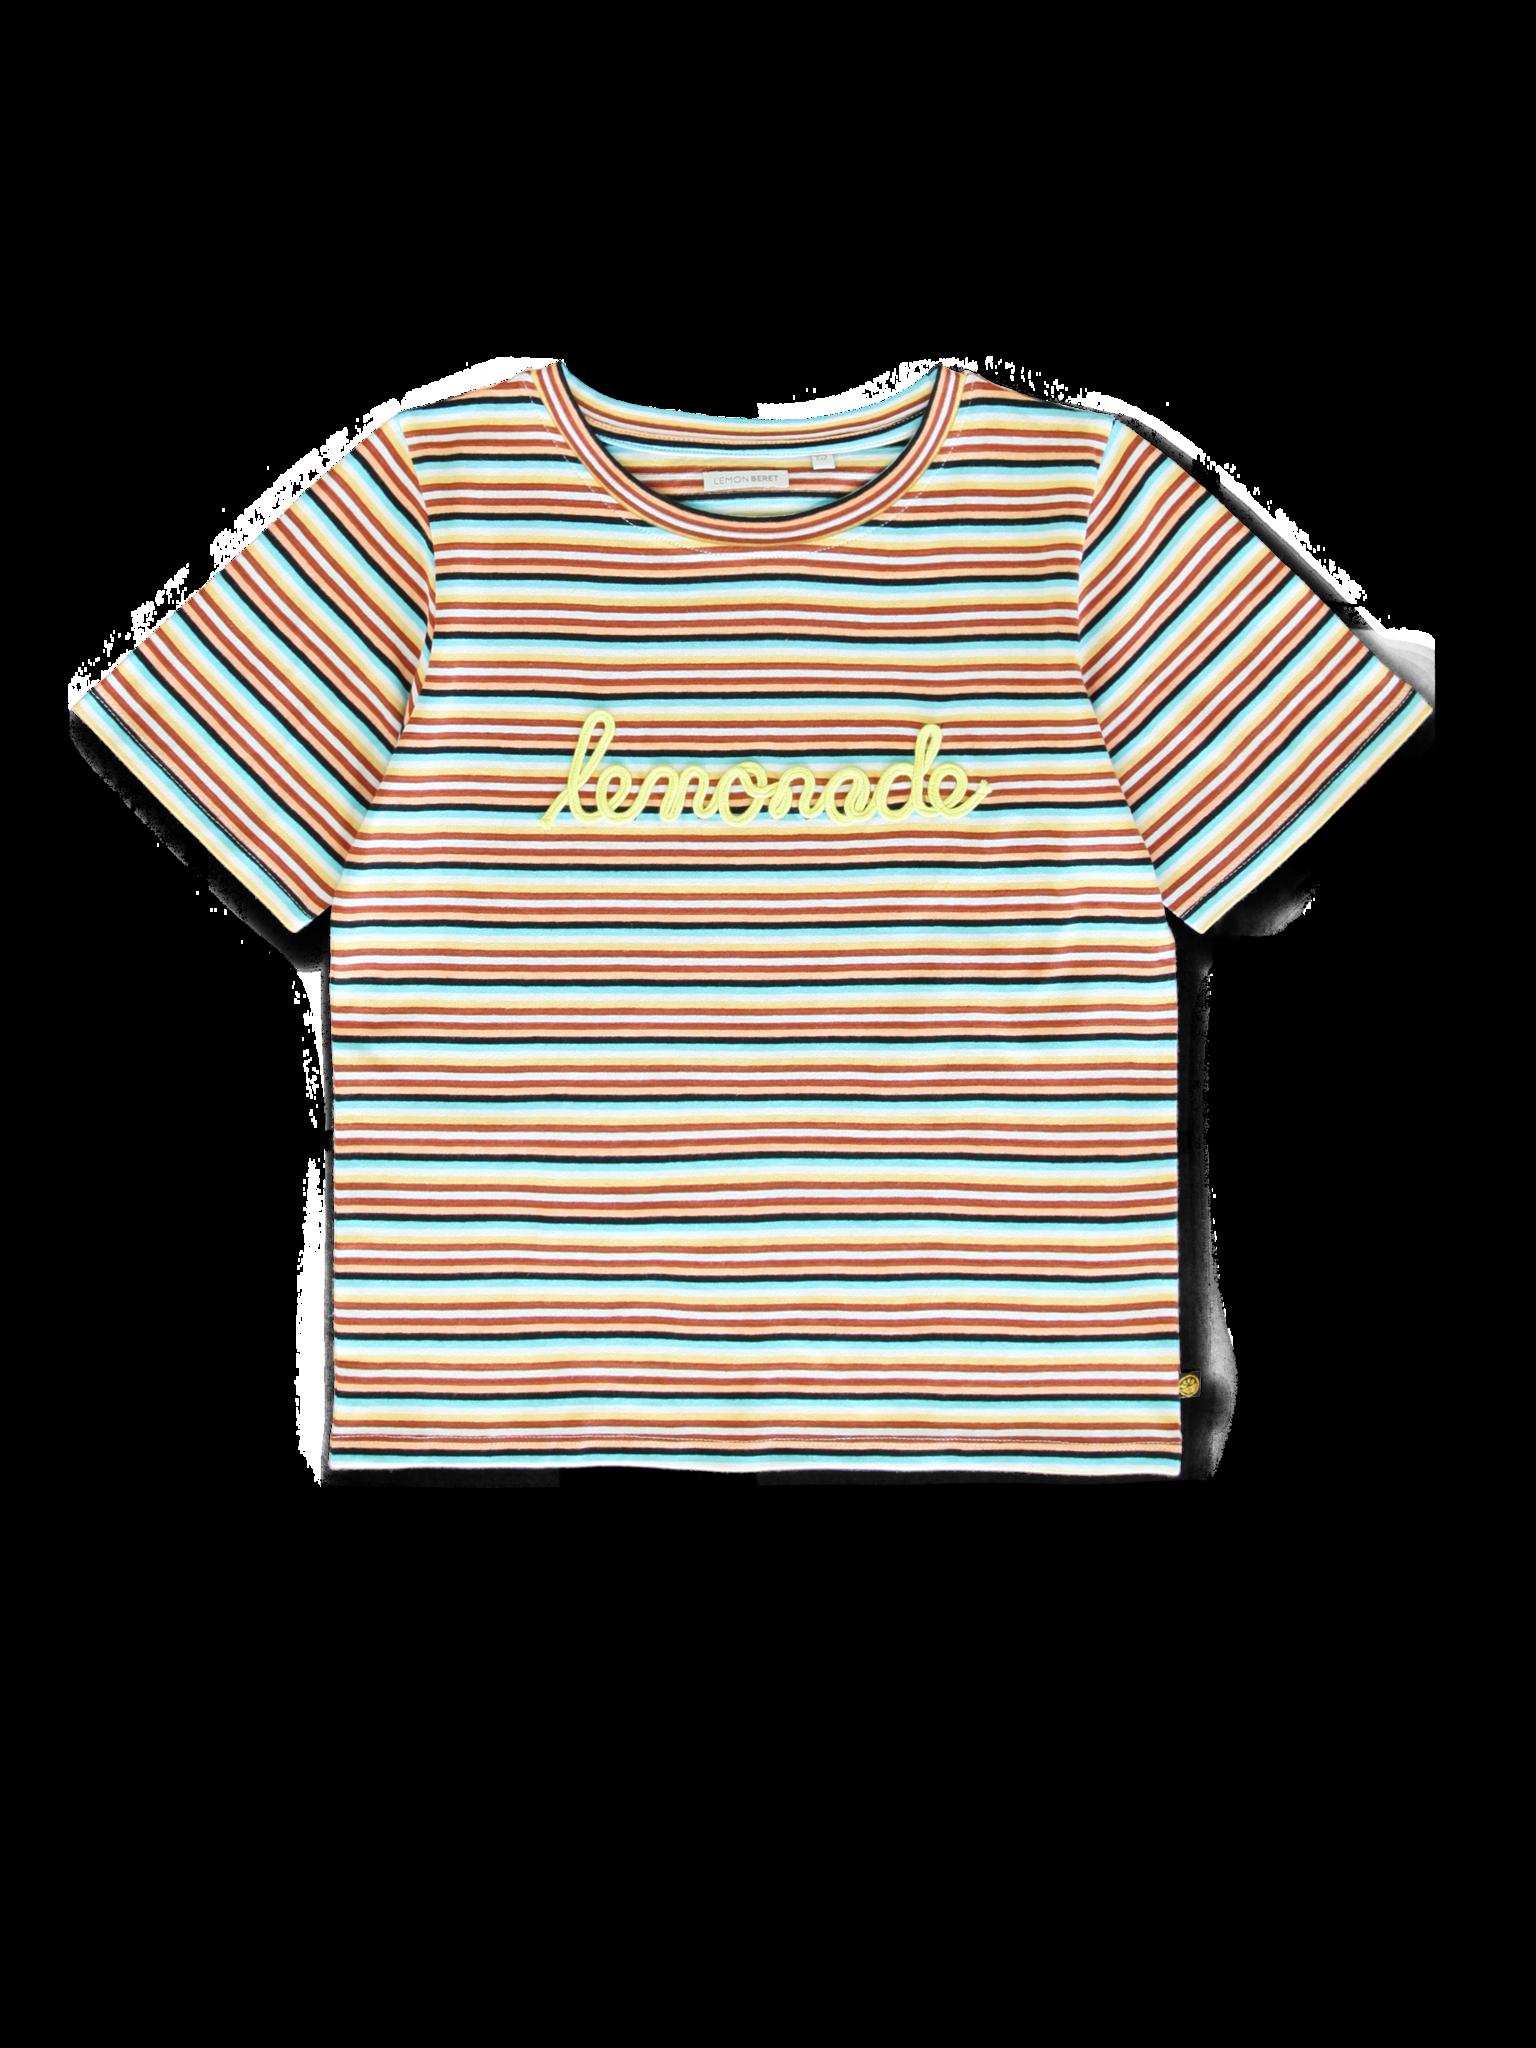 Lemon Beret | Summer 2020 Teen Girls | T-shirt | 12 pcs/box